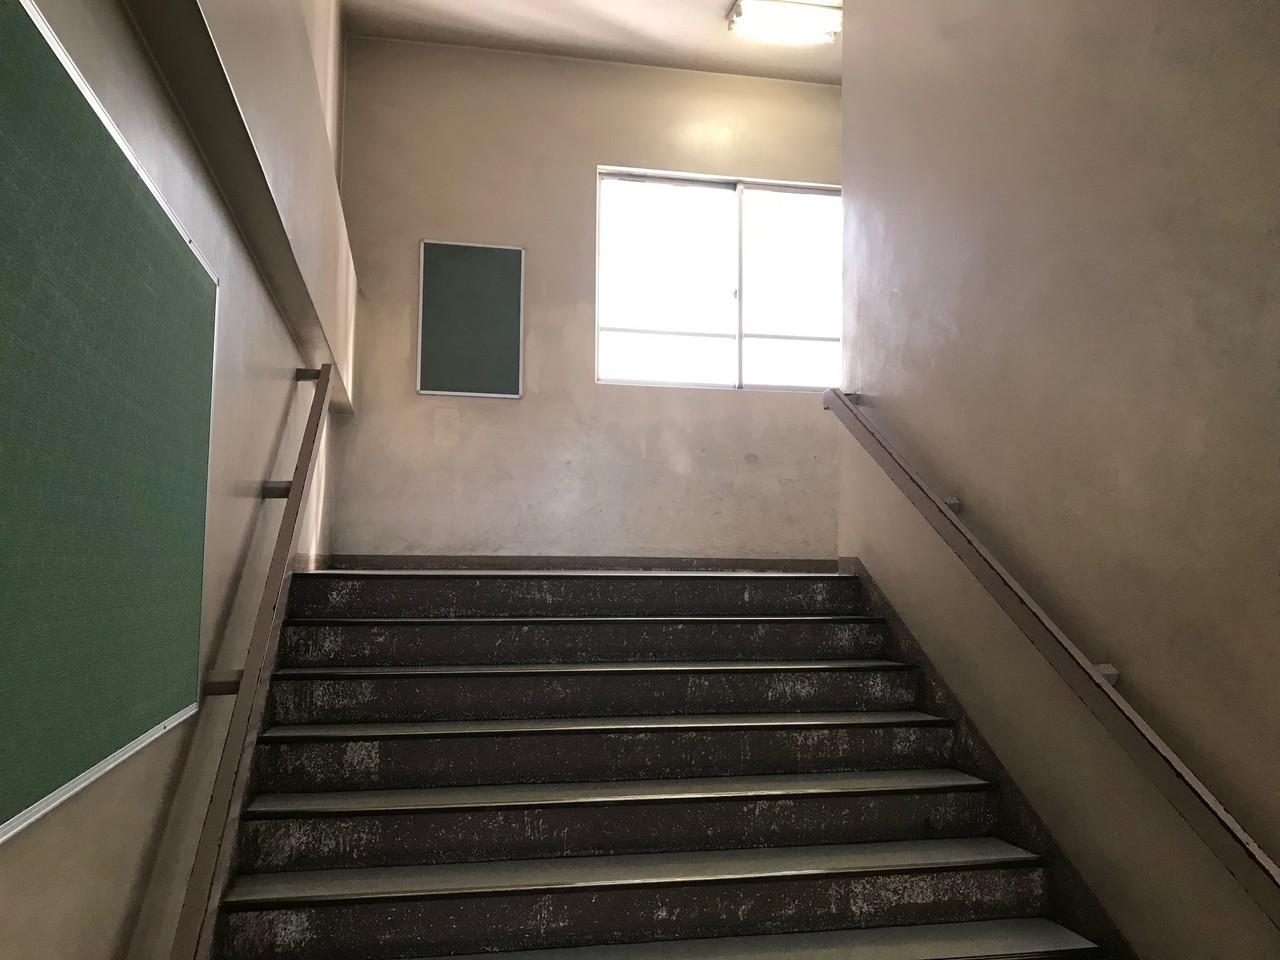 練馬区内中学校階段室塗装工事